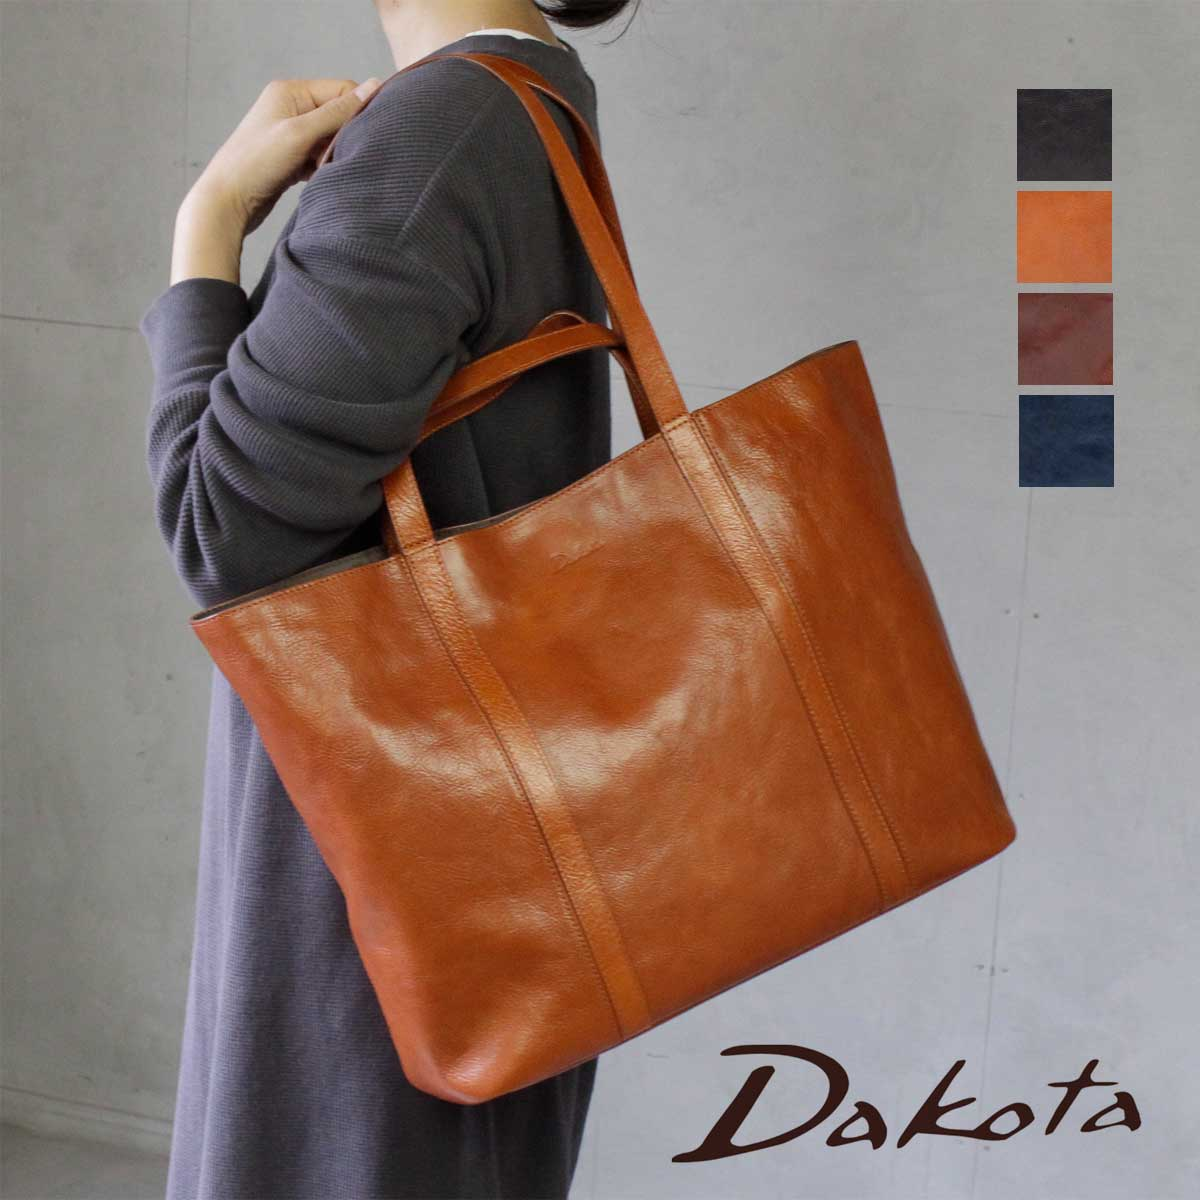 ダコタ バッグ Dakota 軽量 カジュアル シンプル レディース 通勤 プレゼントラッピング無料です。 【選べるノベルティ大好評】Dakota ダコタ ヨハン 2WAY トートバッグ 1033980【B4】